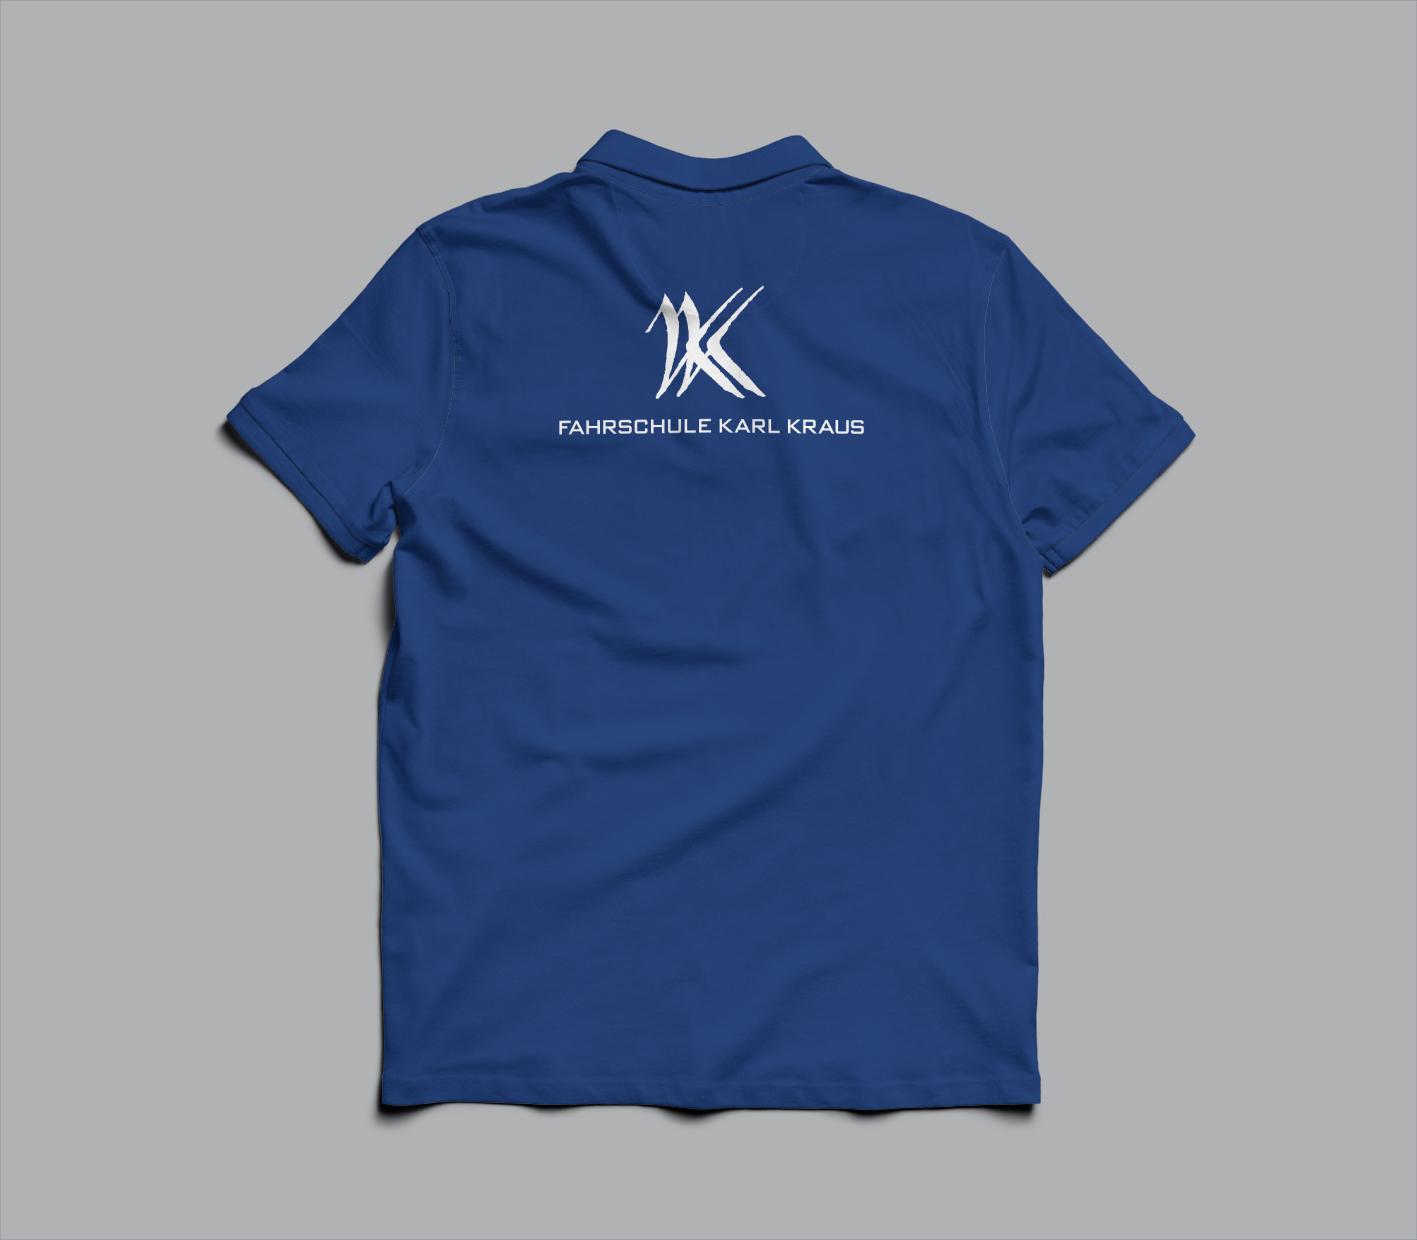 FKK_Tshirt_Hinten